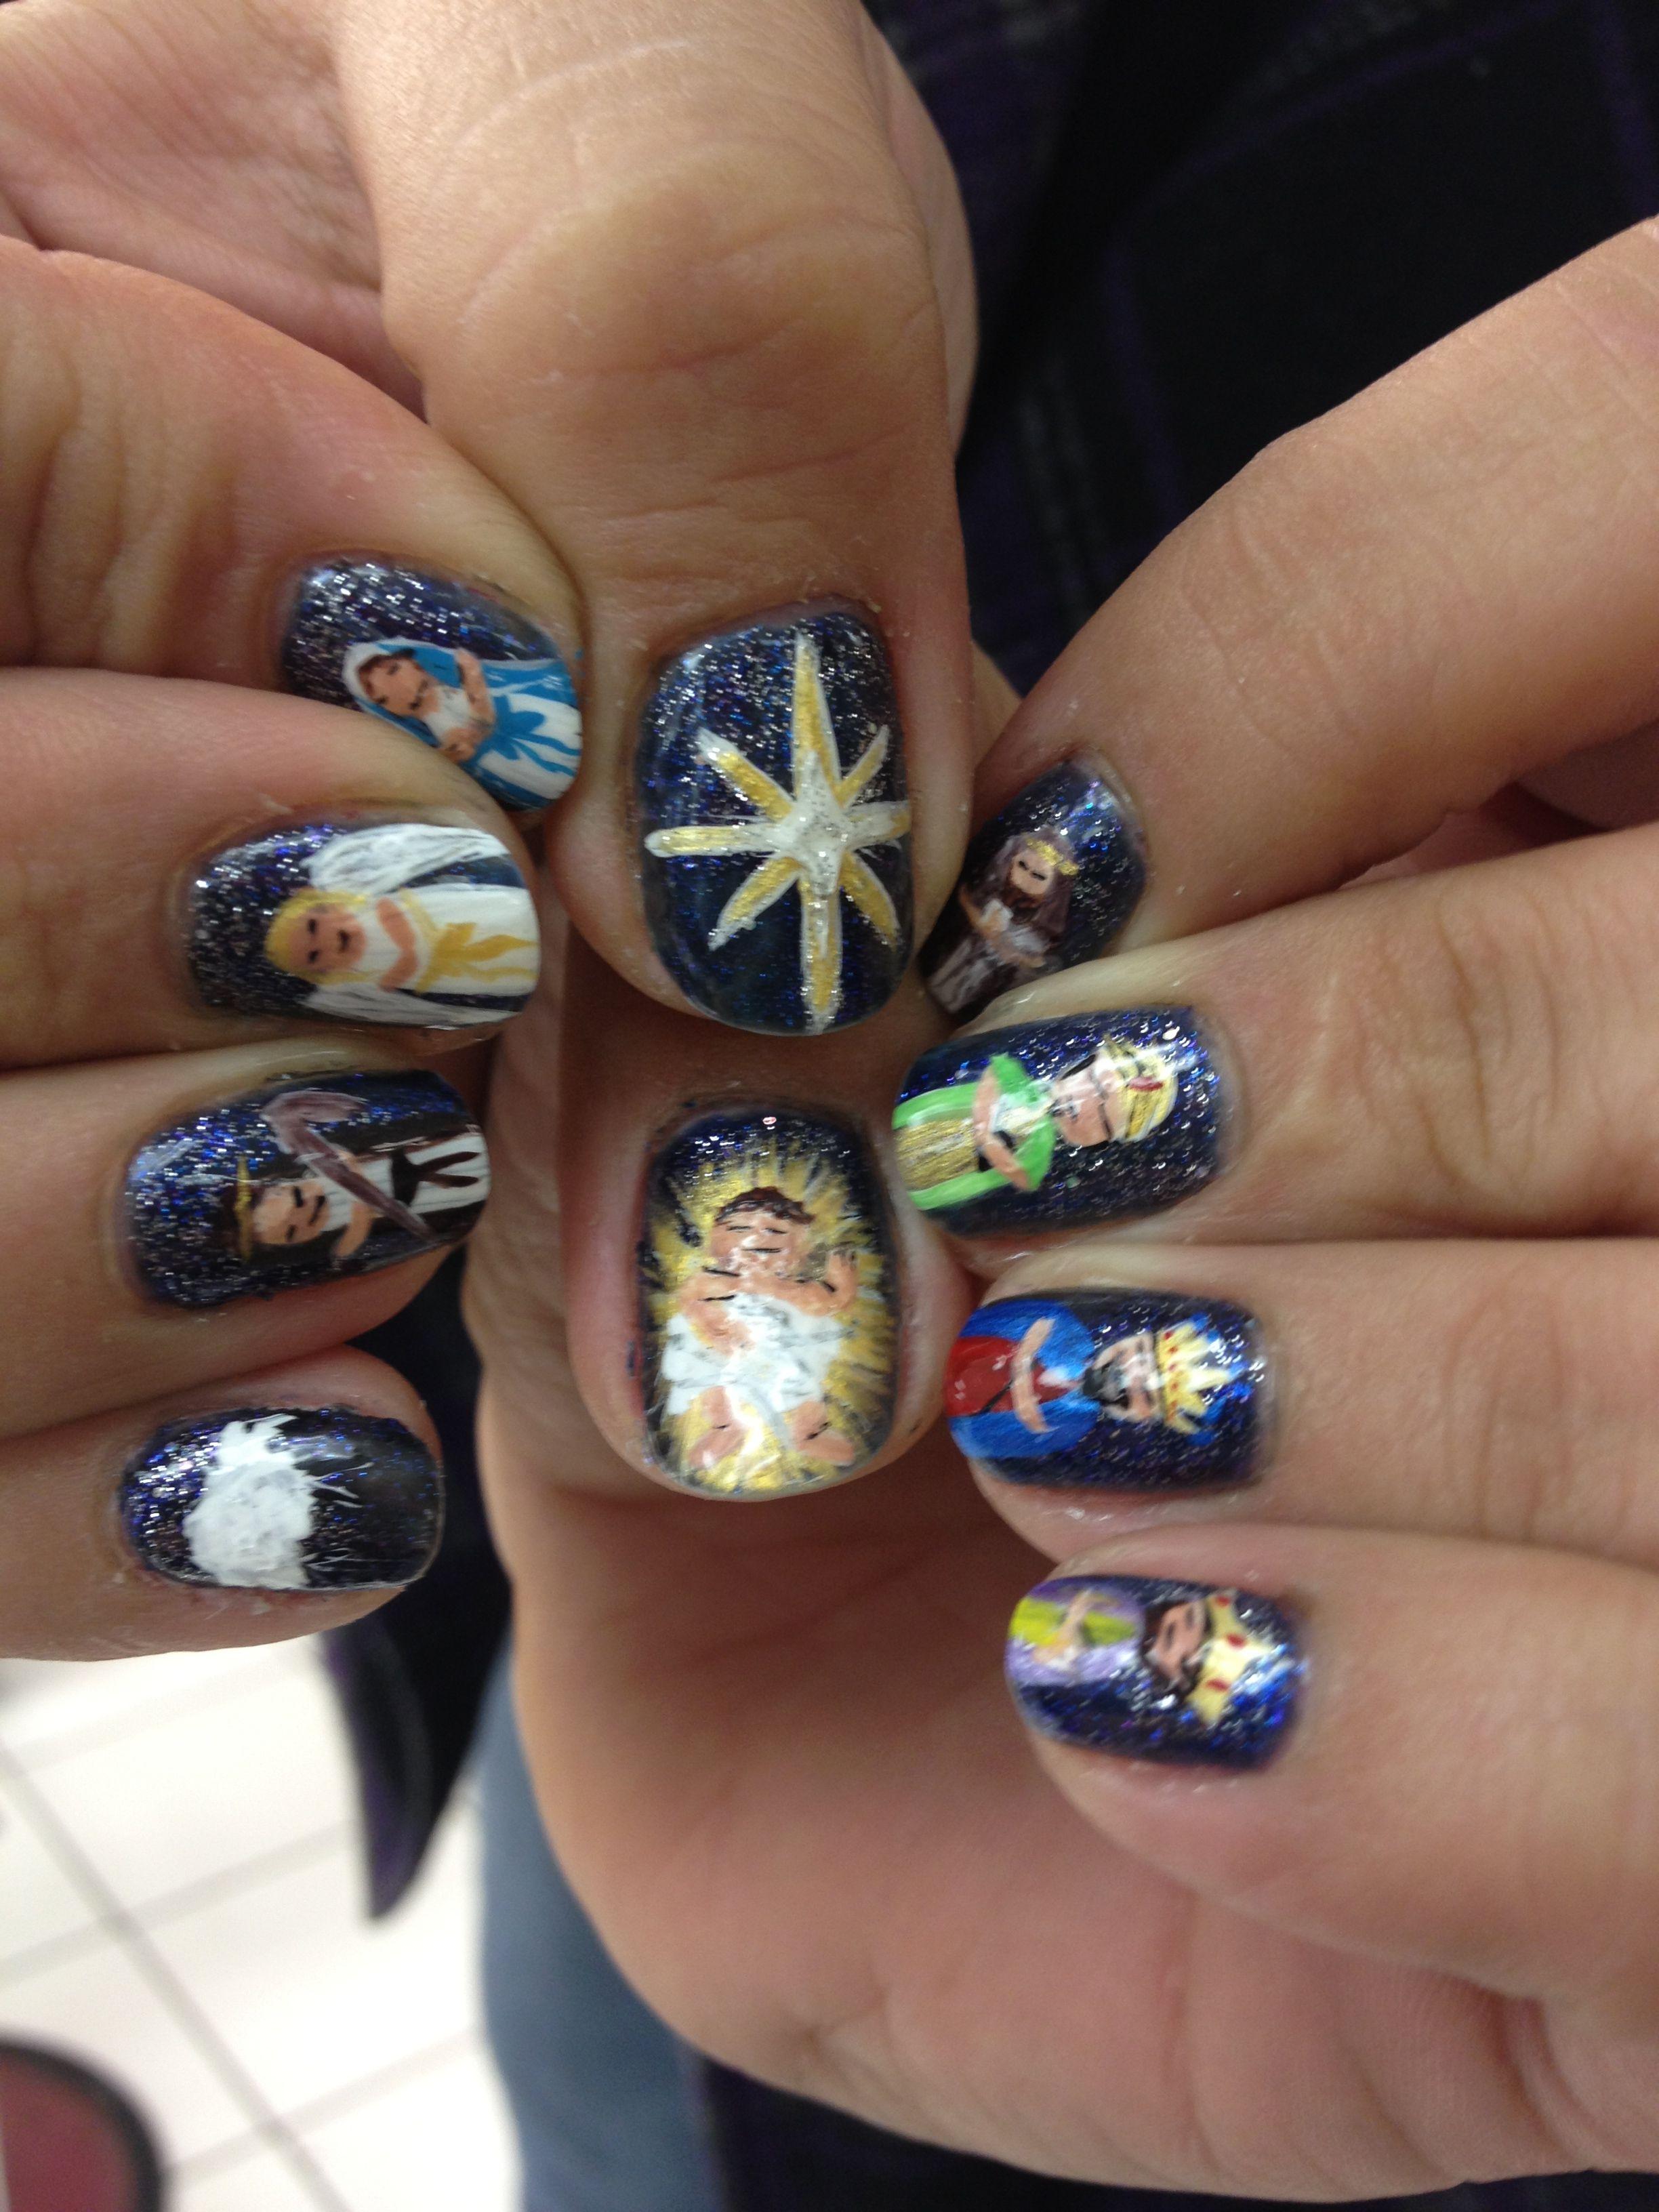 Nativity scene nails :) | Hair & Beauty | Pinterest | Creative nails